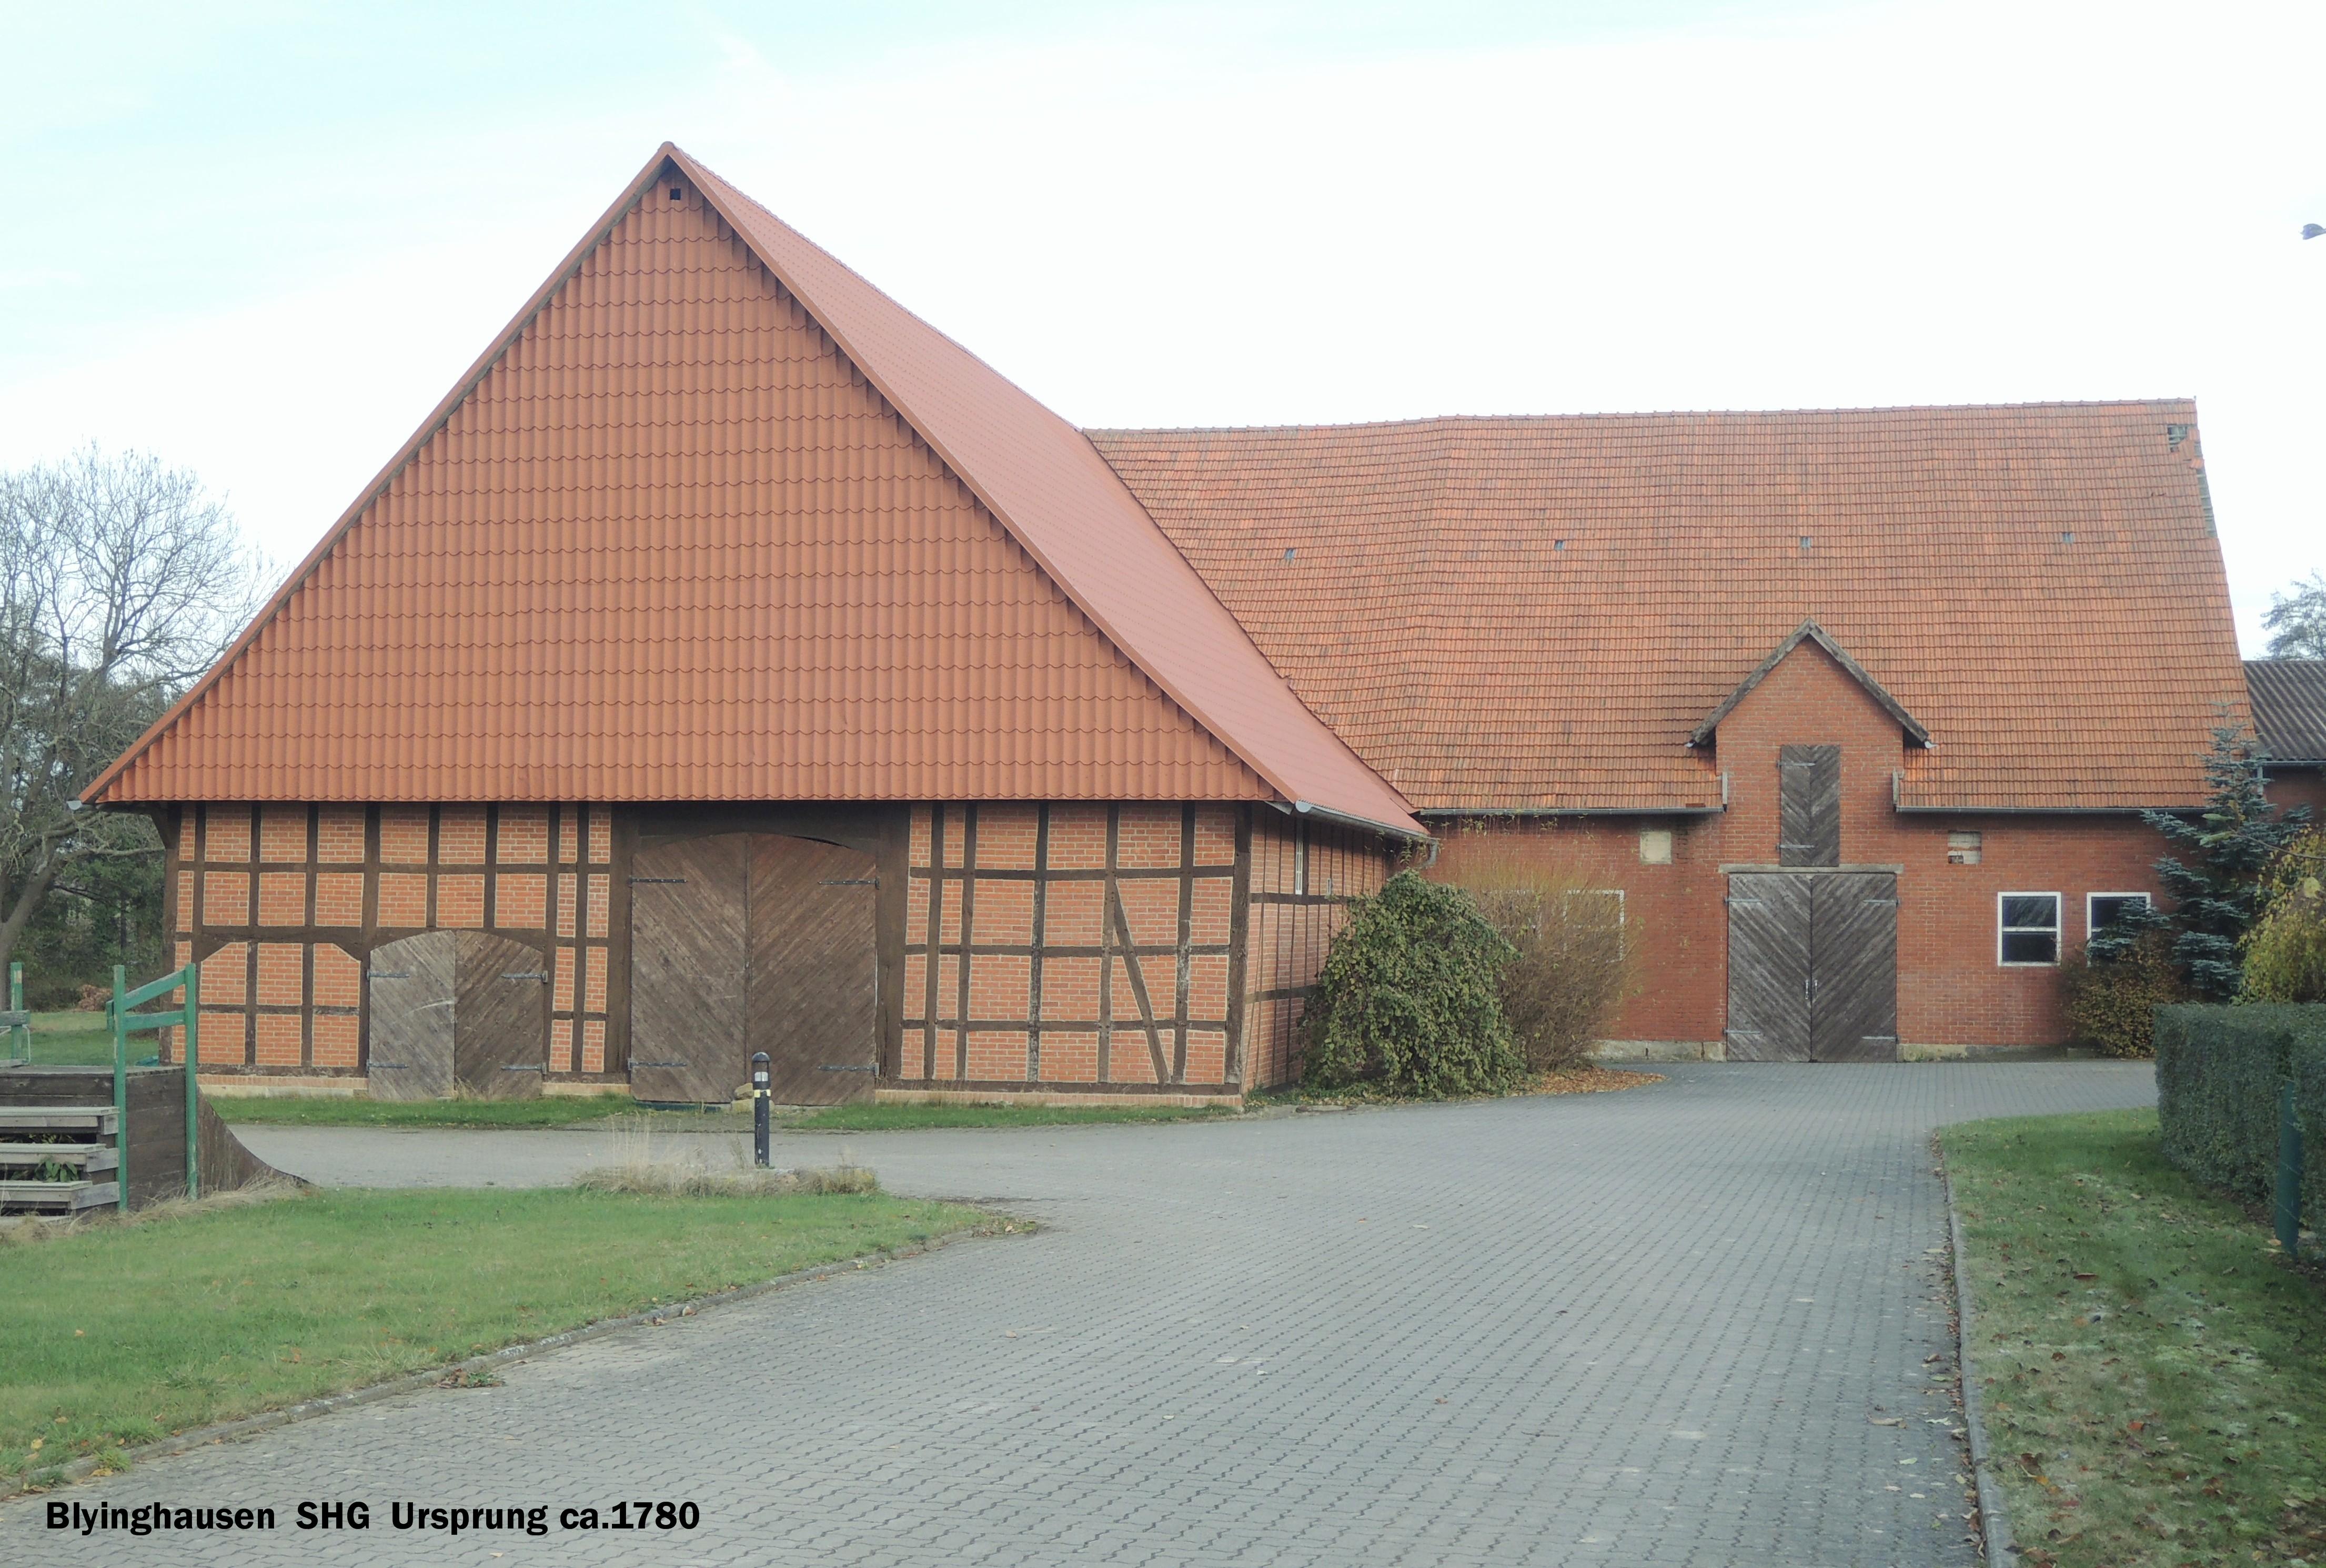 r-blyinghausen-shg-1780